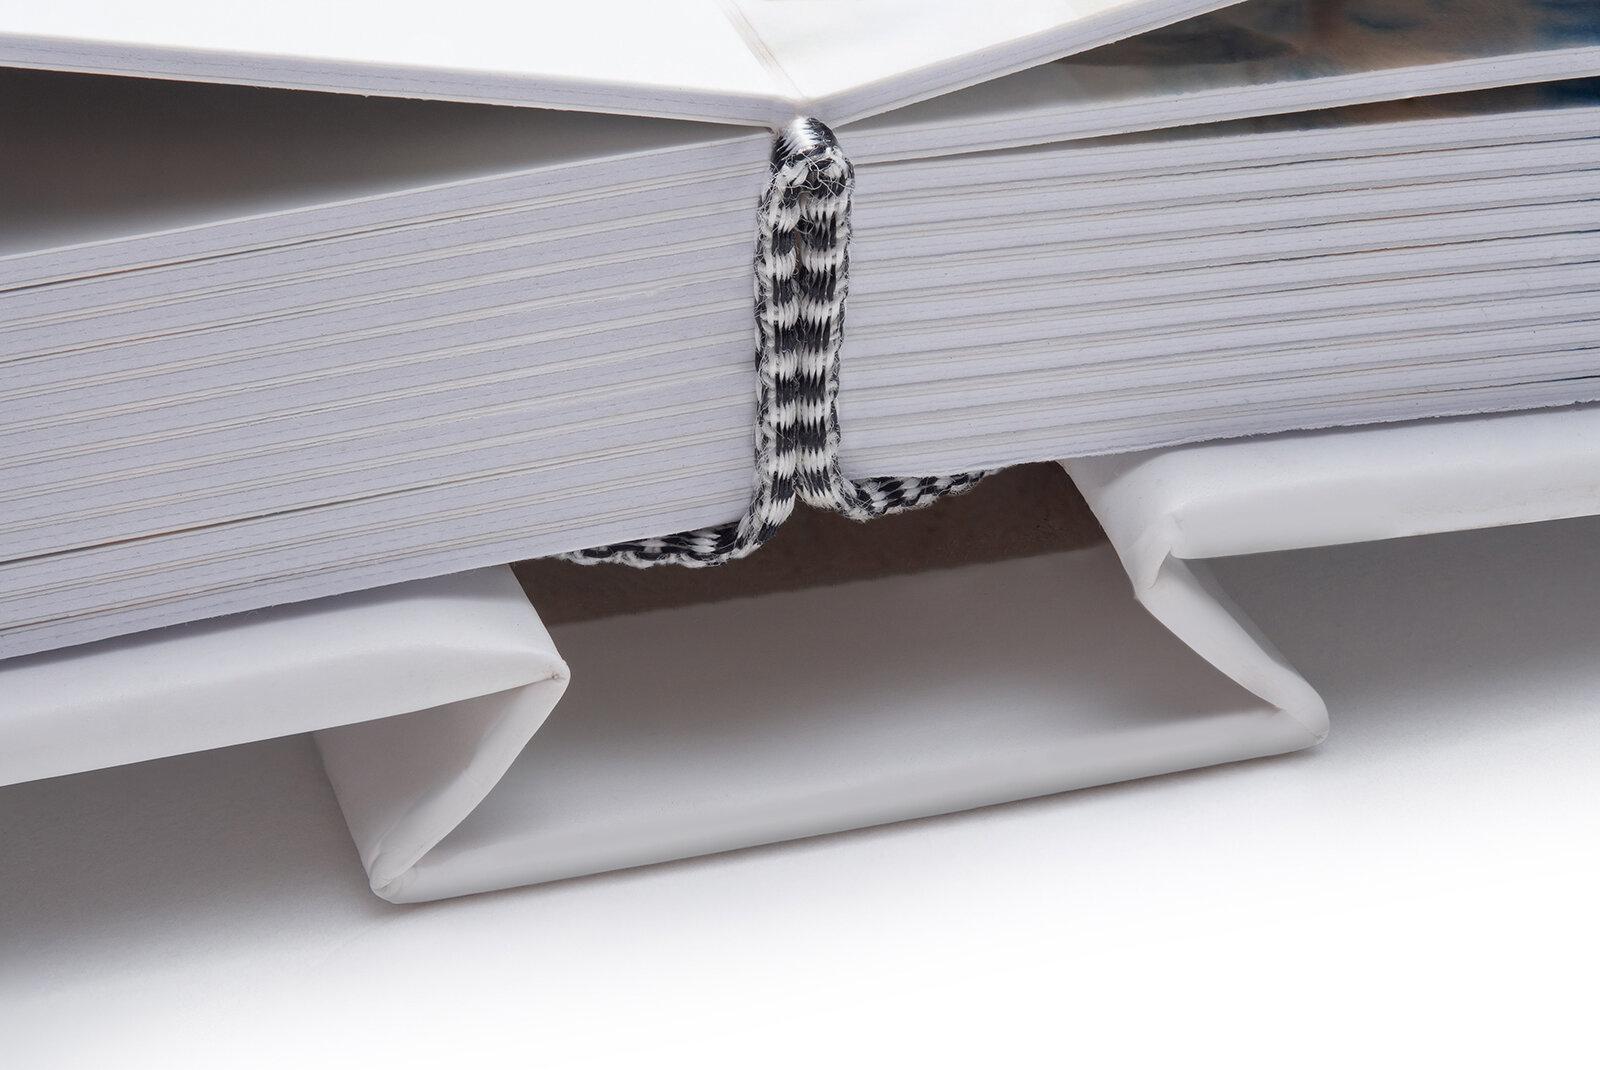 dvoustrany kašírované na karton a vlepené do tuhých desek -